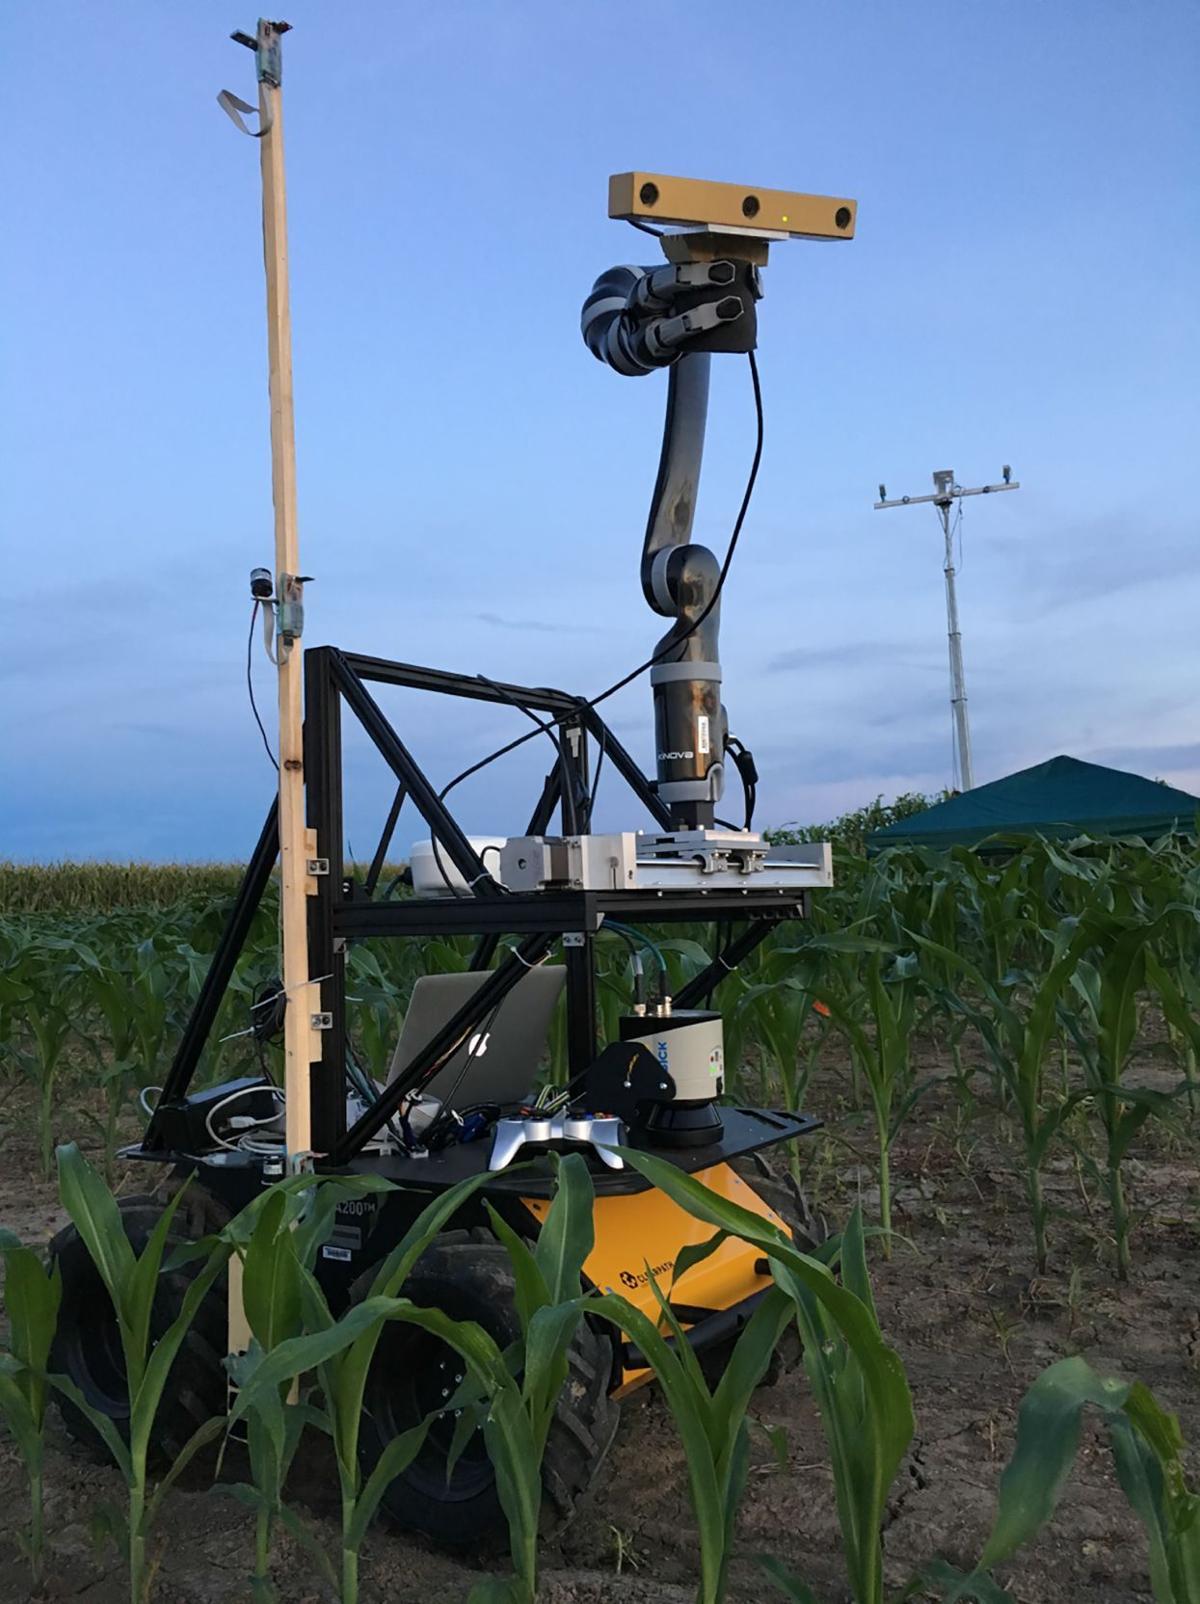 Vinobot inspects crops